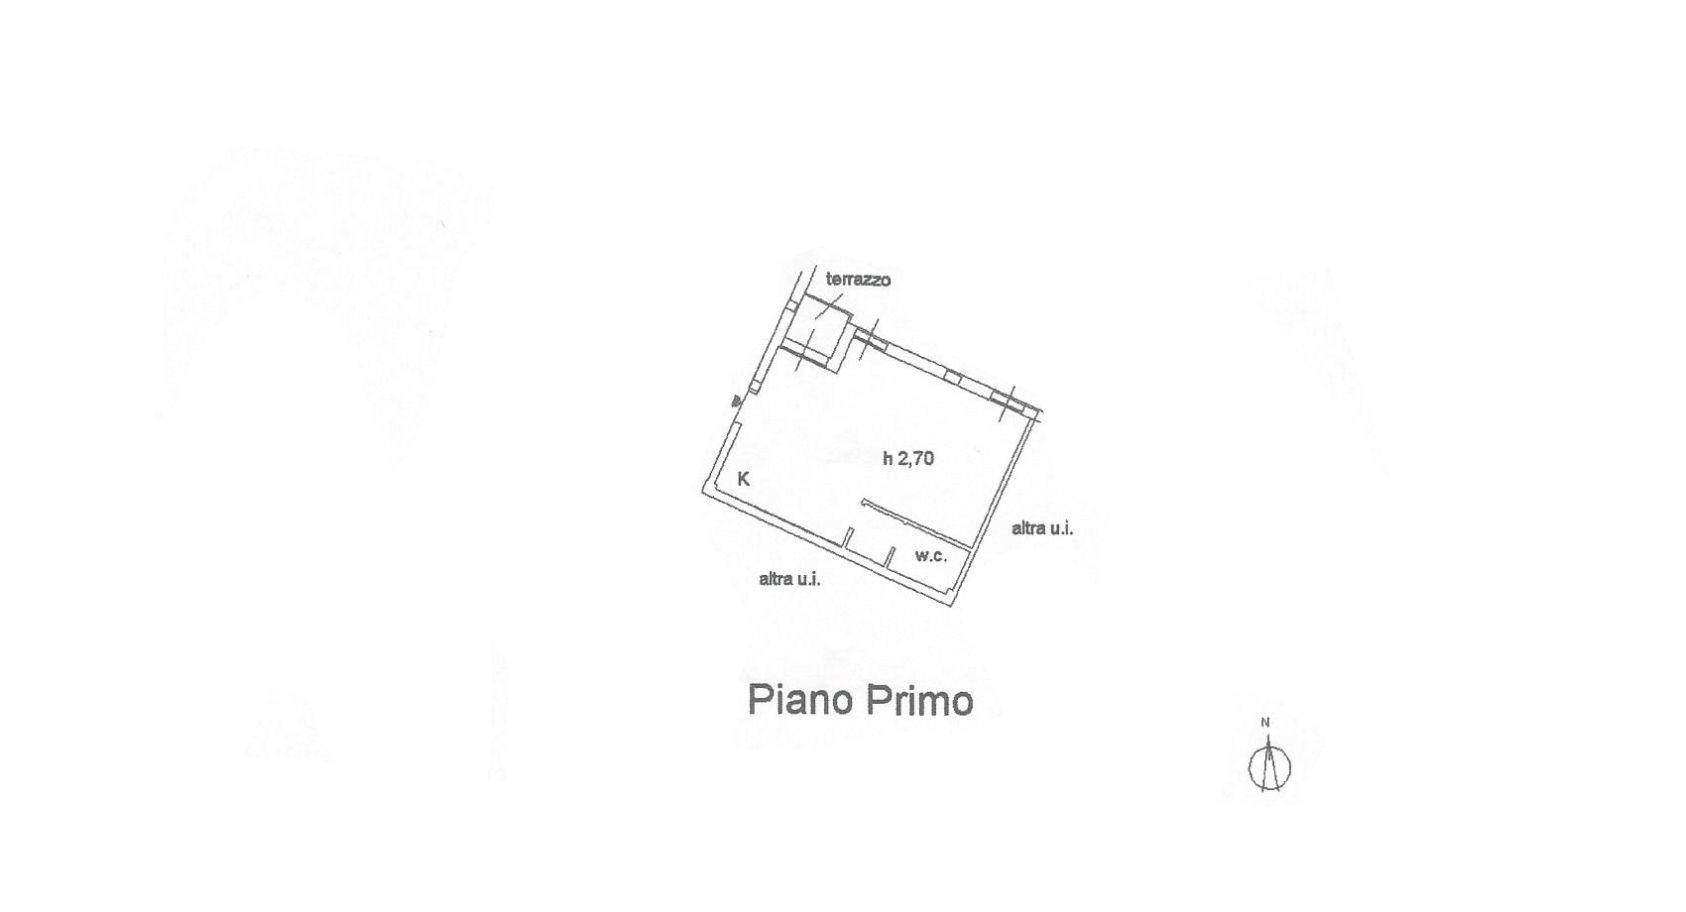 Appartamento in vendita, rif. R/589 (Planimetria 1/1)